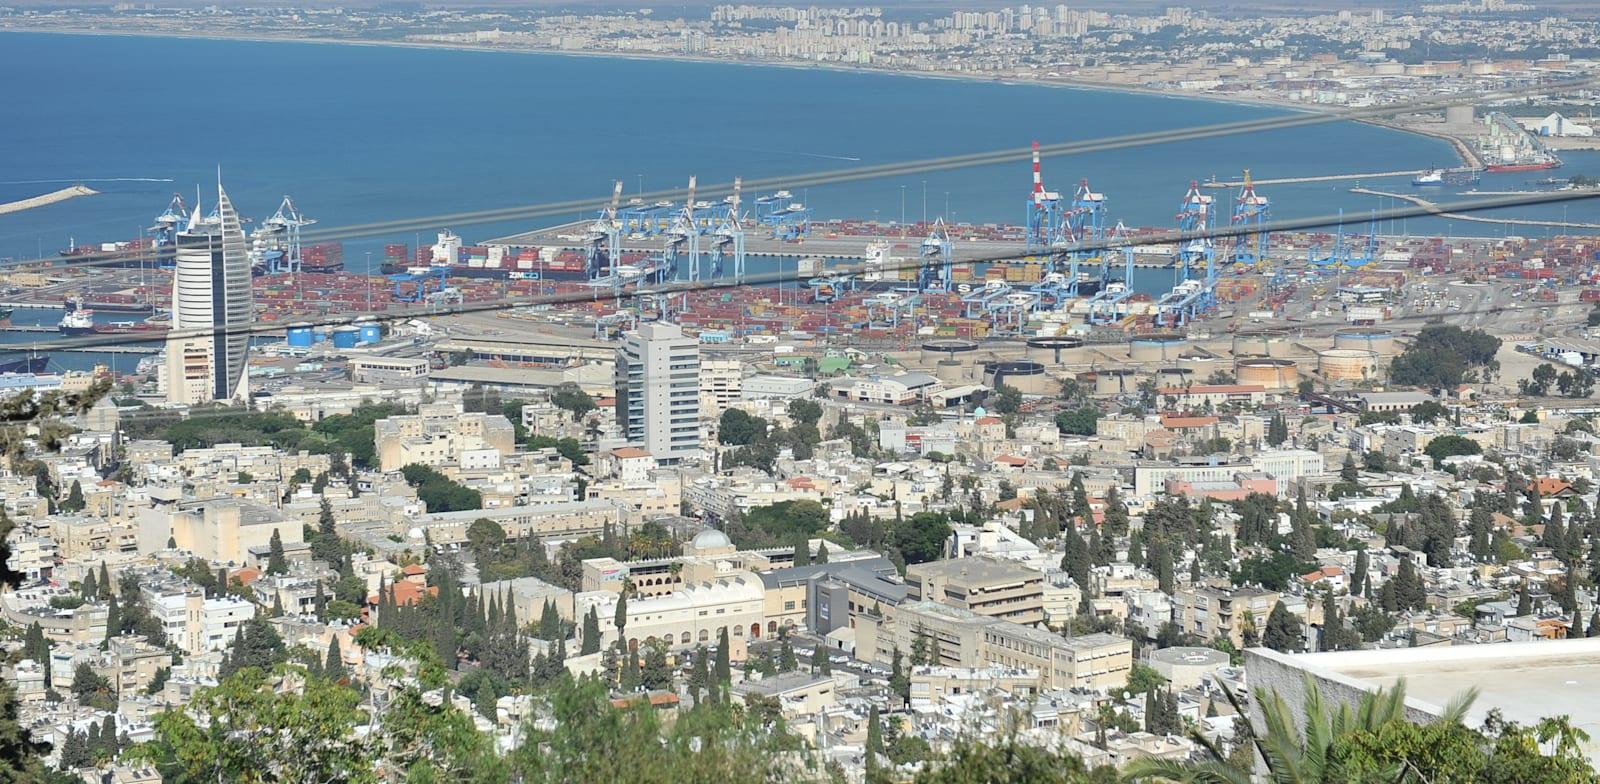 מפרץ חיפה , ים / צילום: תמר מצפי